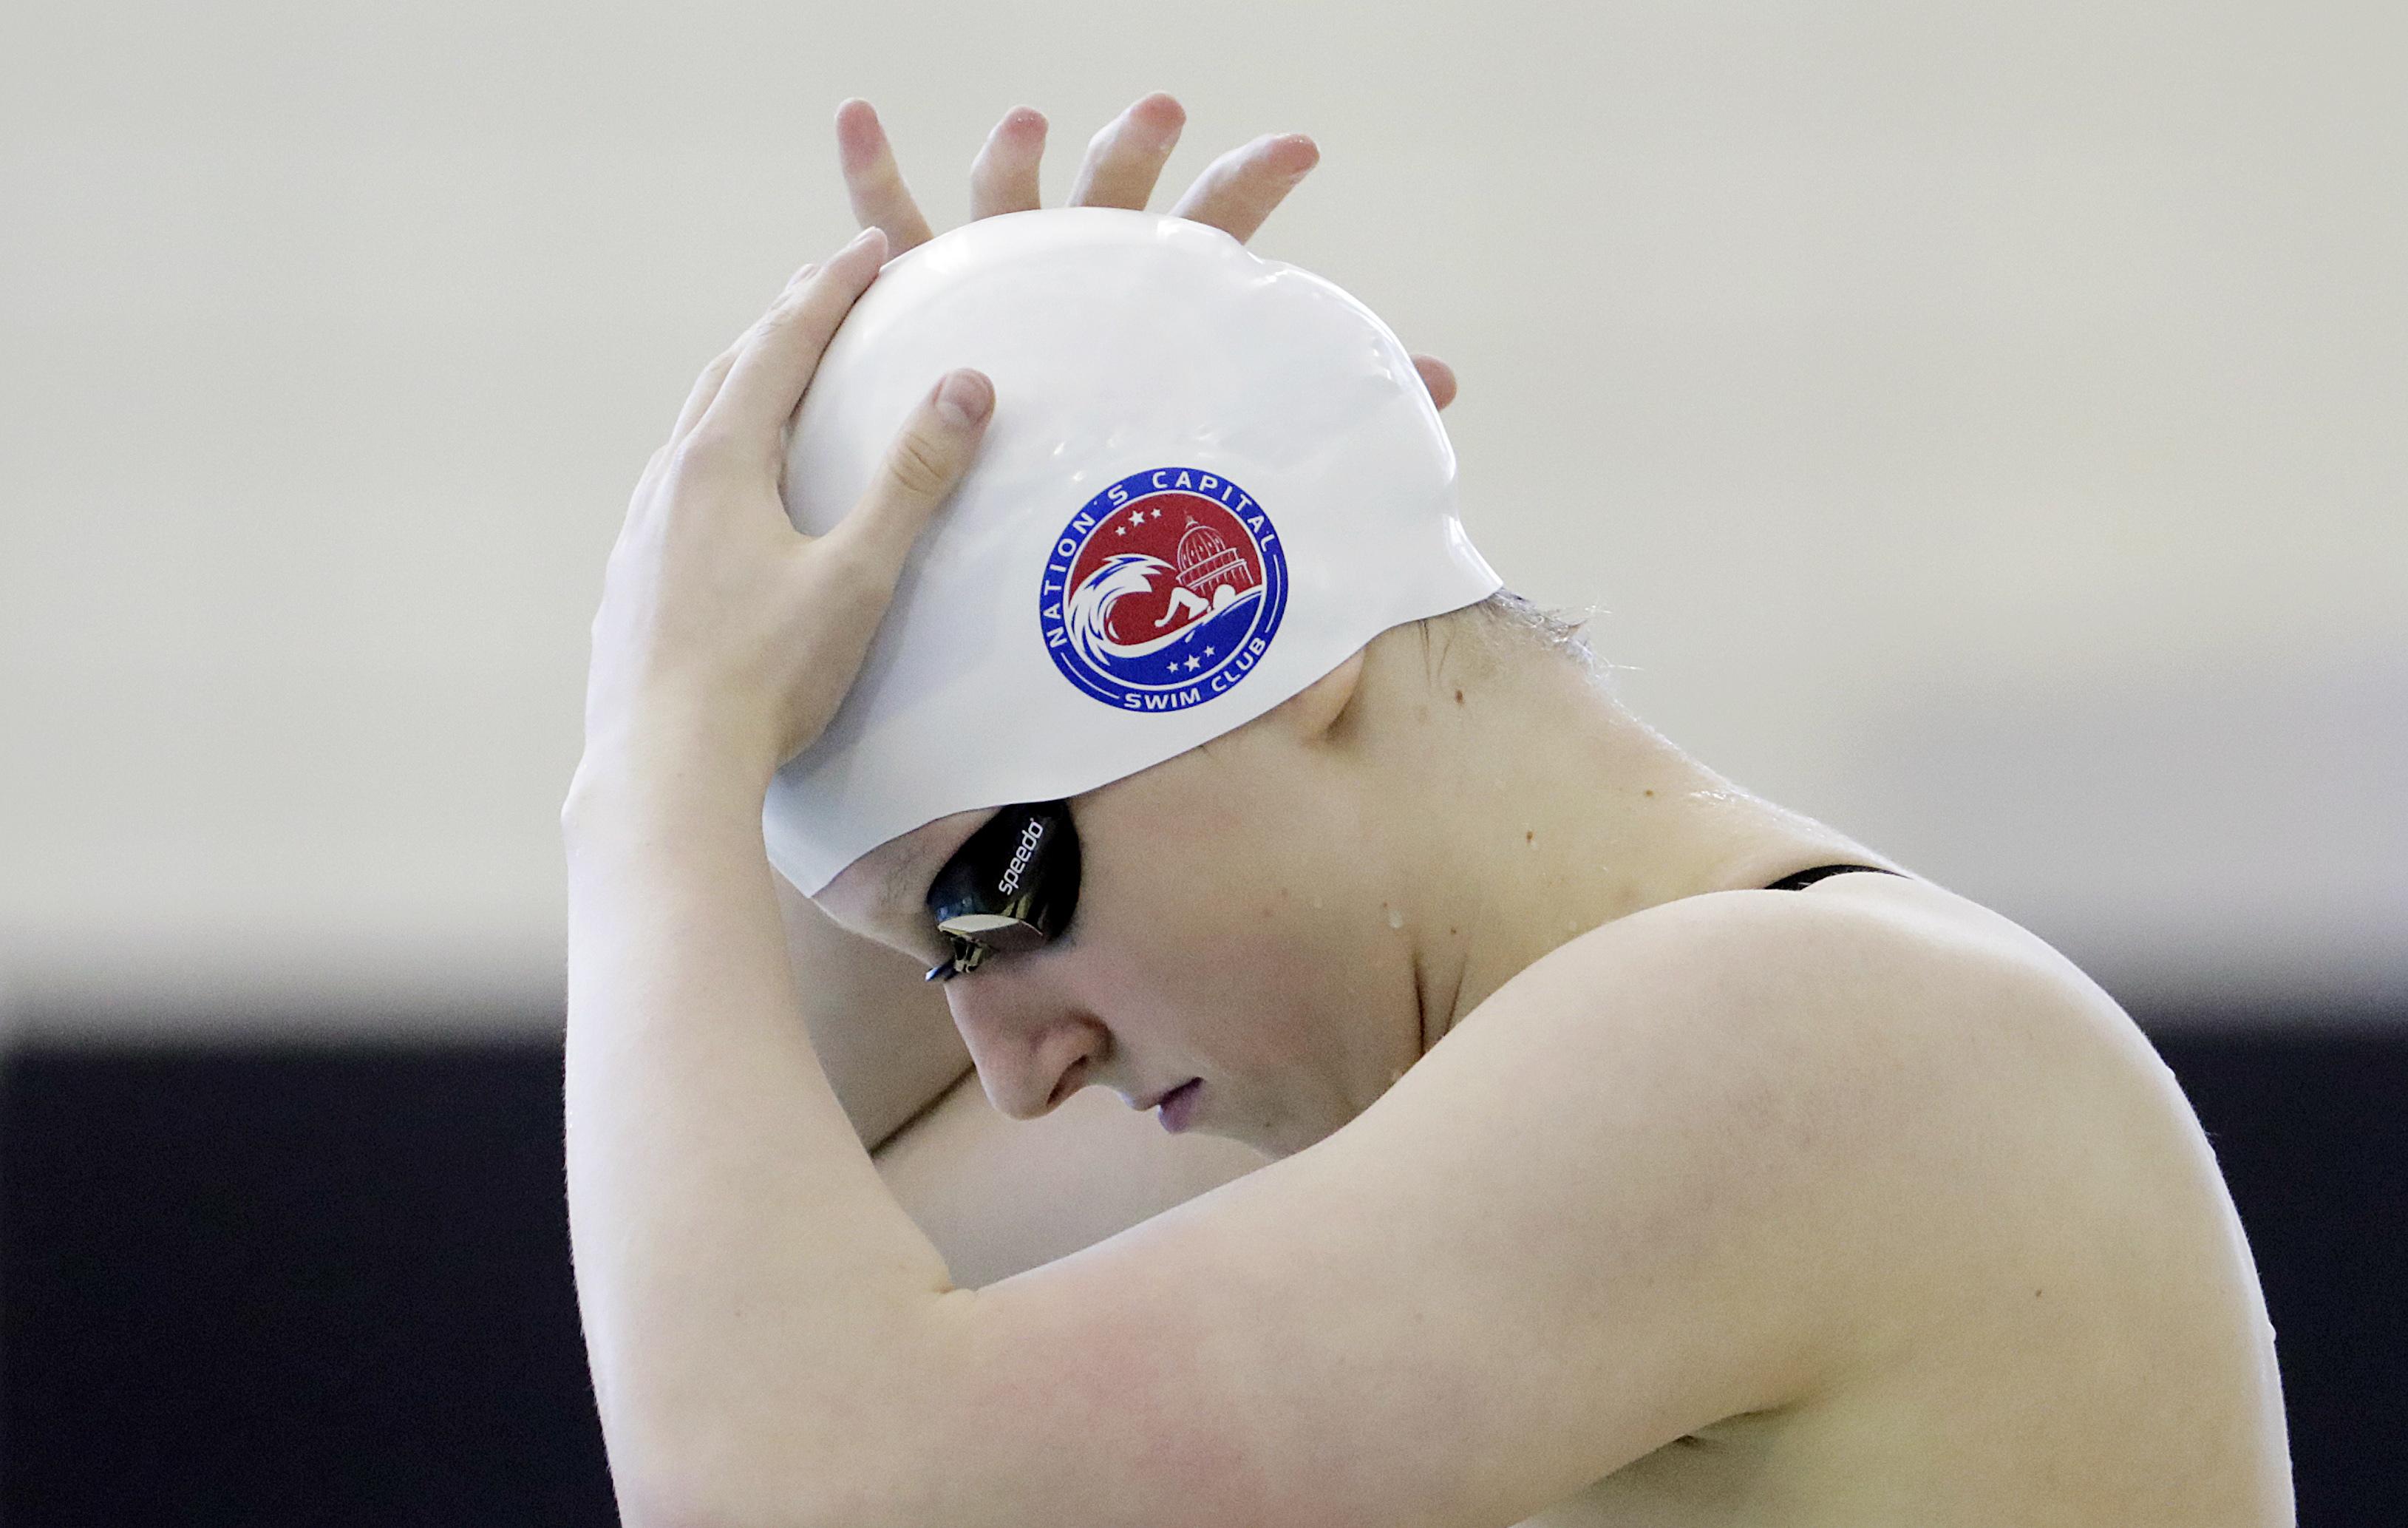 Katie Ledecky adjusts her swim cap before the start of the 400-meter freestyle at the Atlanta Classic swim meet Saturday, May 14, 2016, in Atlanta. (AP Photo/David Goldman)